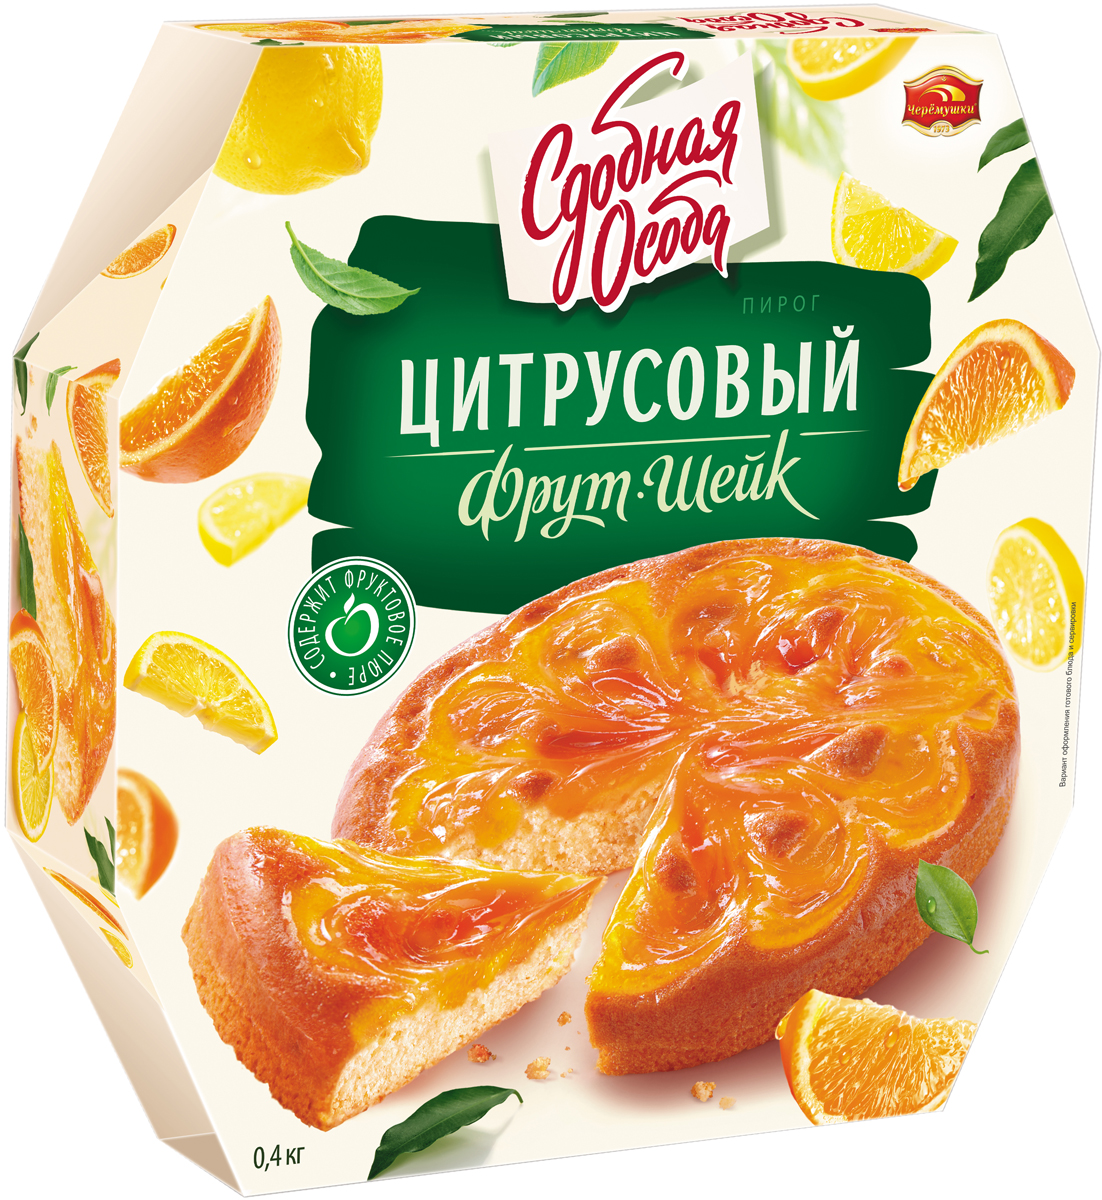 Черемушки Пирог Йогурт-шейк цитрусовый, 400 г пюре фрутоняня кабачок с молоком с 6 мес 100 г